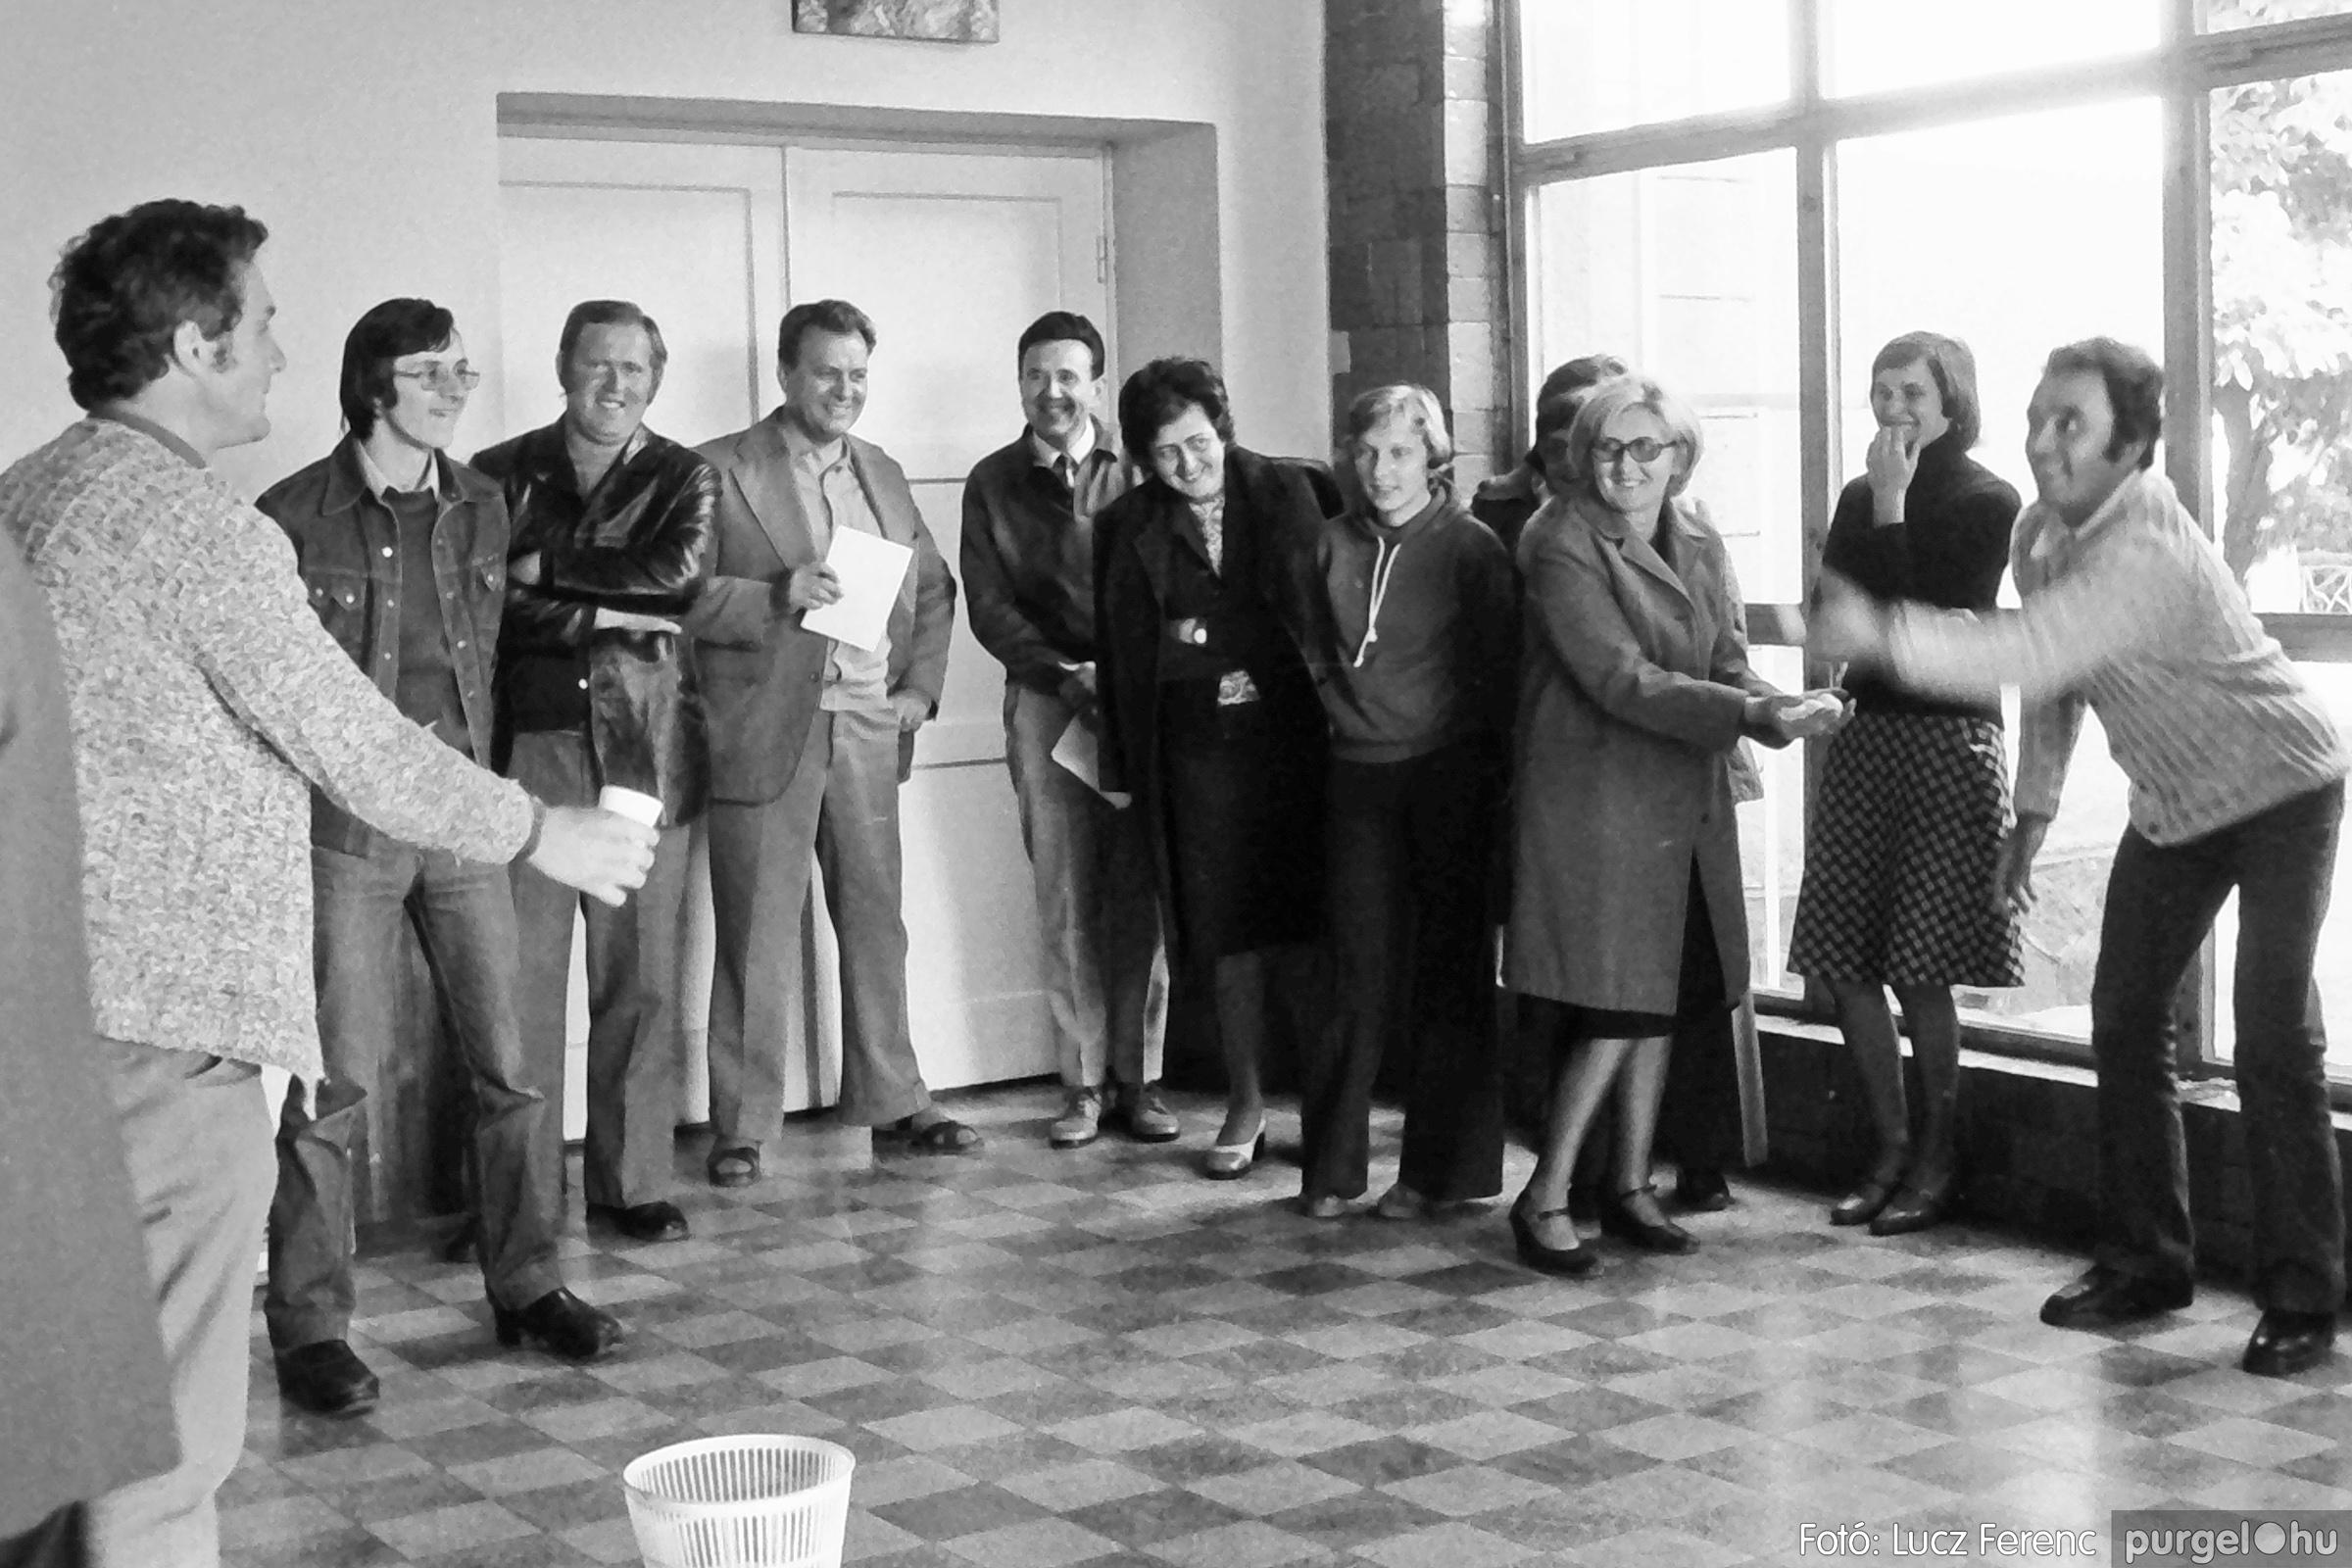 090. 1977. Puskin TSZ szocialista brigád vetélkedője 004. - Fotó: Lucz Ferenc.jpg